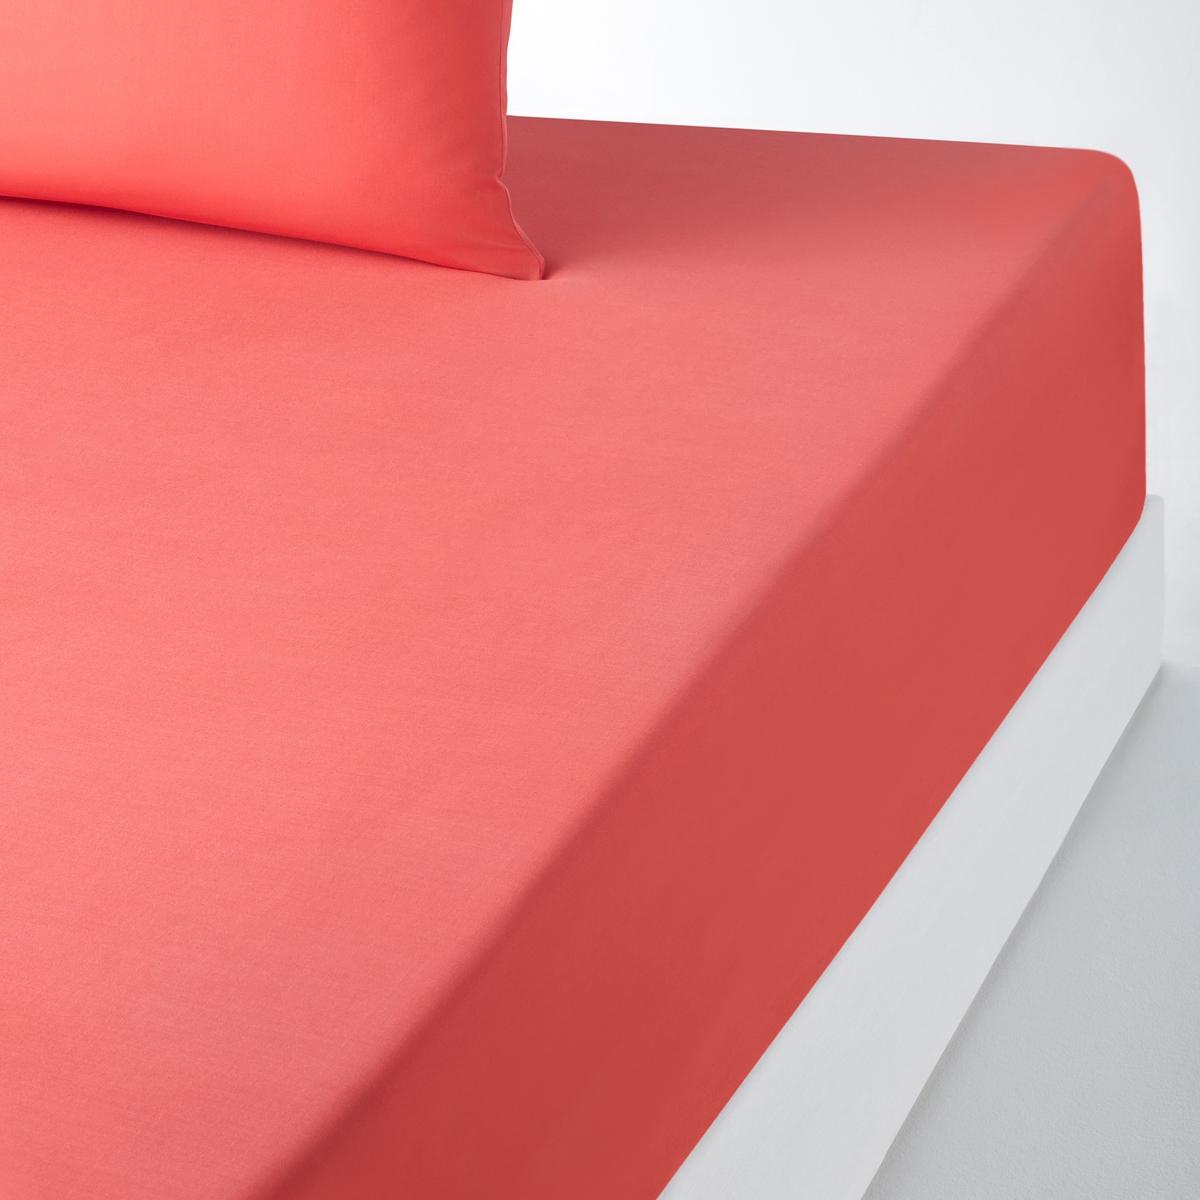 Натяжная простыня из поликоттона, специально для толстых матрасовНатяжная простыня из красивой ткани 50% хлопка, 50% полиэстера с плотным переплетением нитей, ультра мягкой и комфортной. Специально создана для толстых матрасов шириной до 30 см (клапан 32 см).Красивая гамма цветов SCENARIO позволяет создавать комплекты по настроению !Характеристики натяжной простыни из поликоттона для толстых матрасов :- Натяжная простыня из красивой ткани 50% хлопка, 50% полиэстера с плотным переплетением нитей (57 нитей/см? : чем больше плотность переплетения нитей/см?, тем качественнее материал), ультра мягкой и комфортной. - Специально создана для толстых матрасов шириной до 30 см (клапан 32 см).- Отличная стойкость цветов к стиркам (60 °С).- Глажка не требуется.Знак Oeko-Tex® гарантирует, что товары протестированы и сертифицированы, не содержат вредных веществ, которые могли бы нанести вред здоровью. Натяжная простыня  :90 x 190 см : 1-сп.140 x 190 см : 2-сп.140 x 200 см : 2-сп.160 x 200 см : 2-сп.180 х 200 см : 2-сп.Откройте для себя всю коллекцию постельного белья SC?NARIO на нашем сайте<br><br>Цвет: смородиновый<br>Размер: 90 x 190  см.140 x 200  см